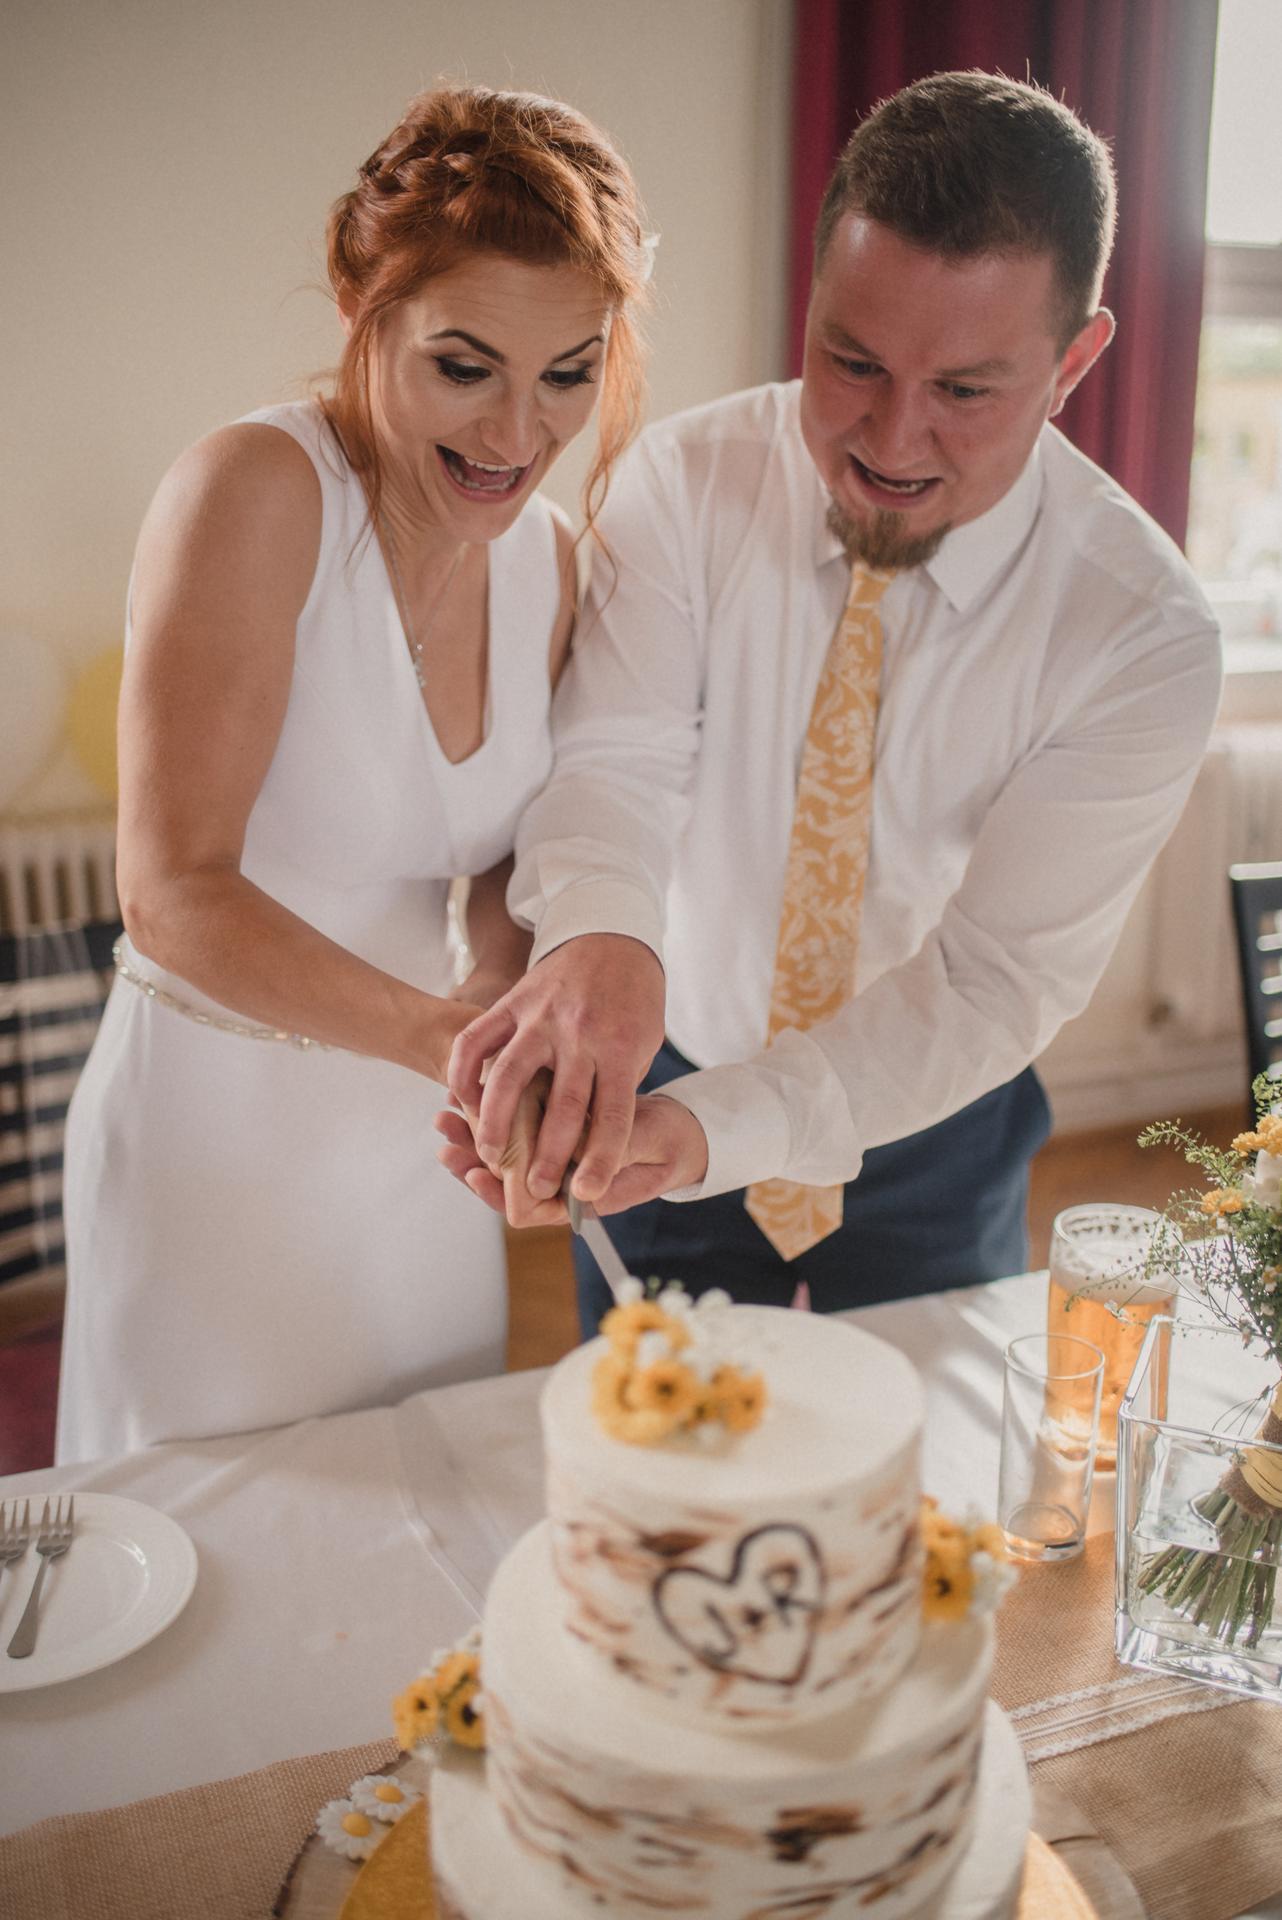 Hořčicová kravata na svatbě - Obrázek č. 1